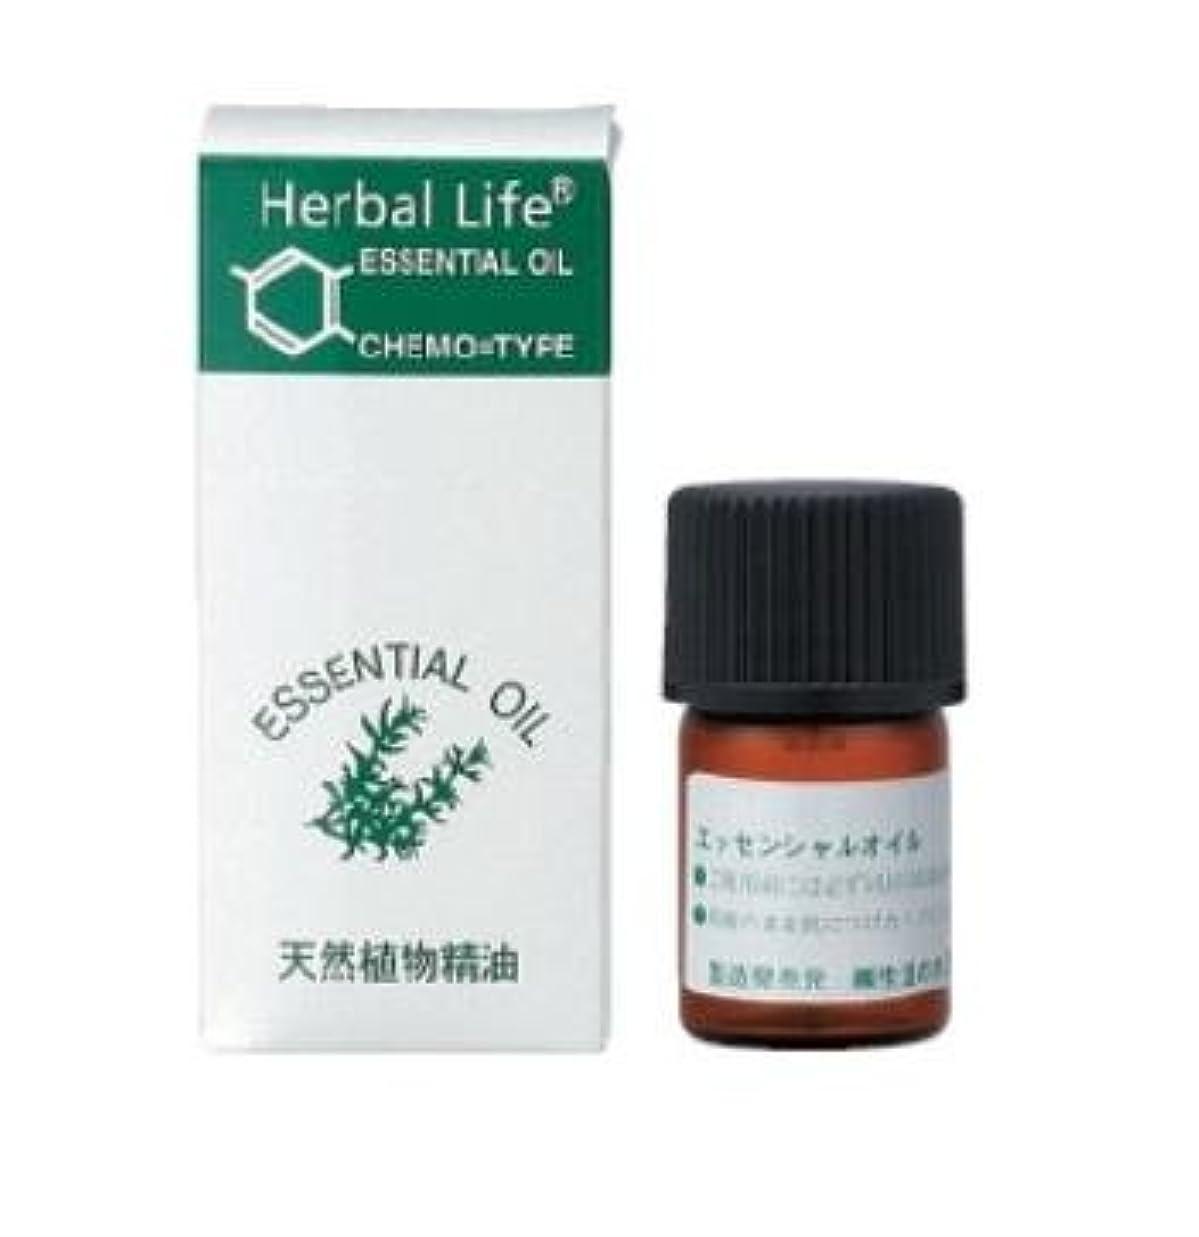 ロードされた修正毎年生活の木 エッセンシャルオイル ゼラニウム 精油 3ml アロマオイル アロマ